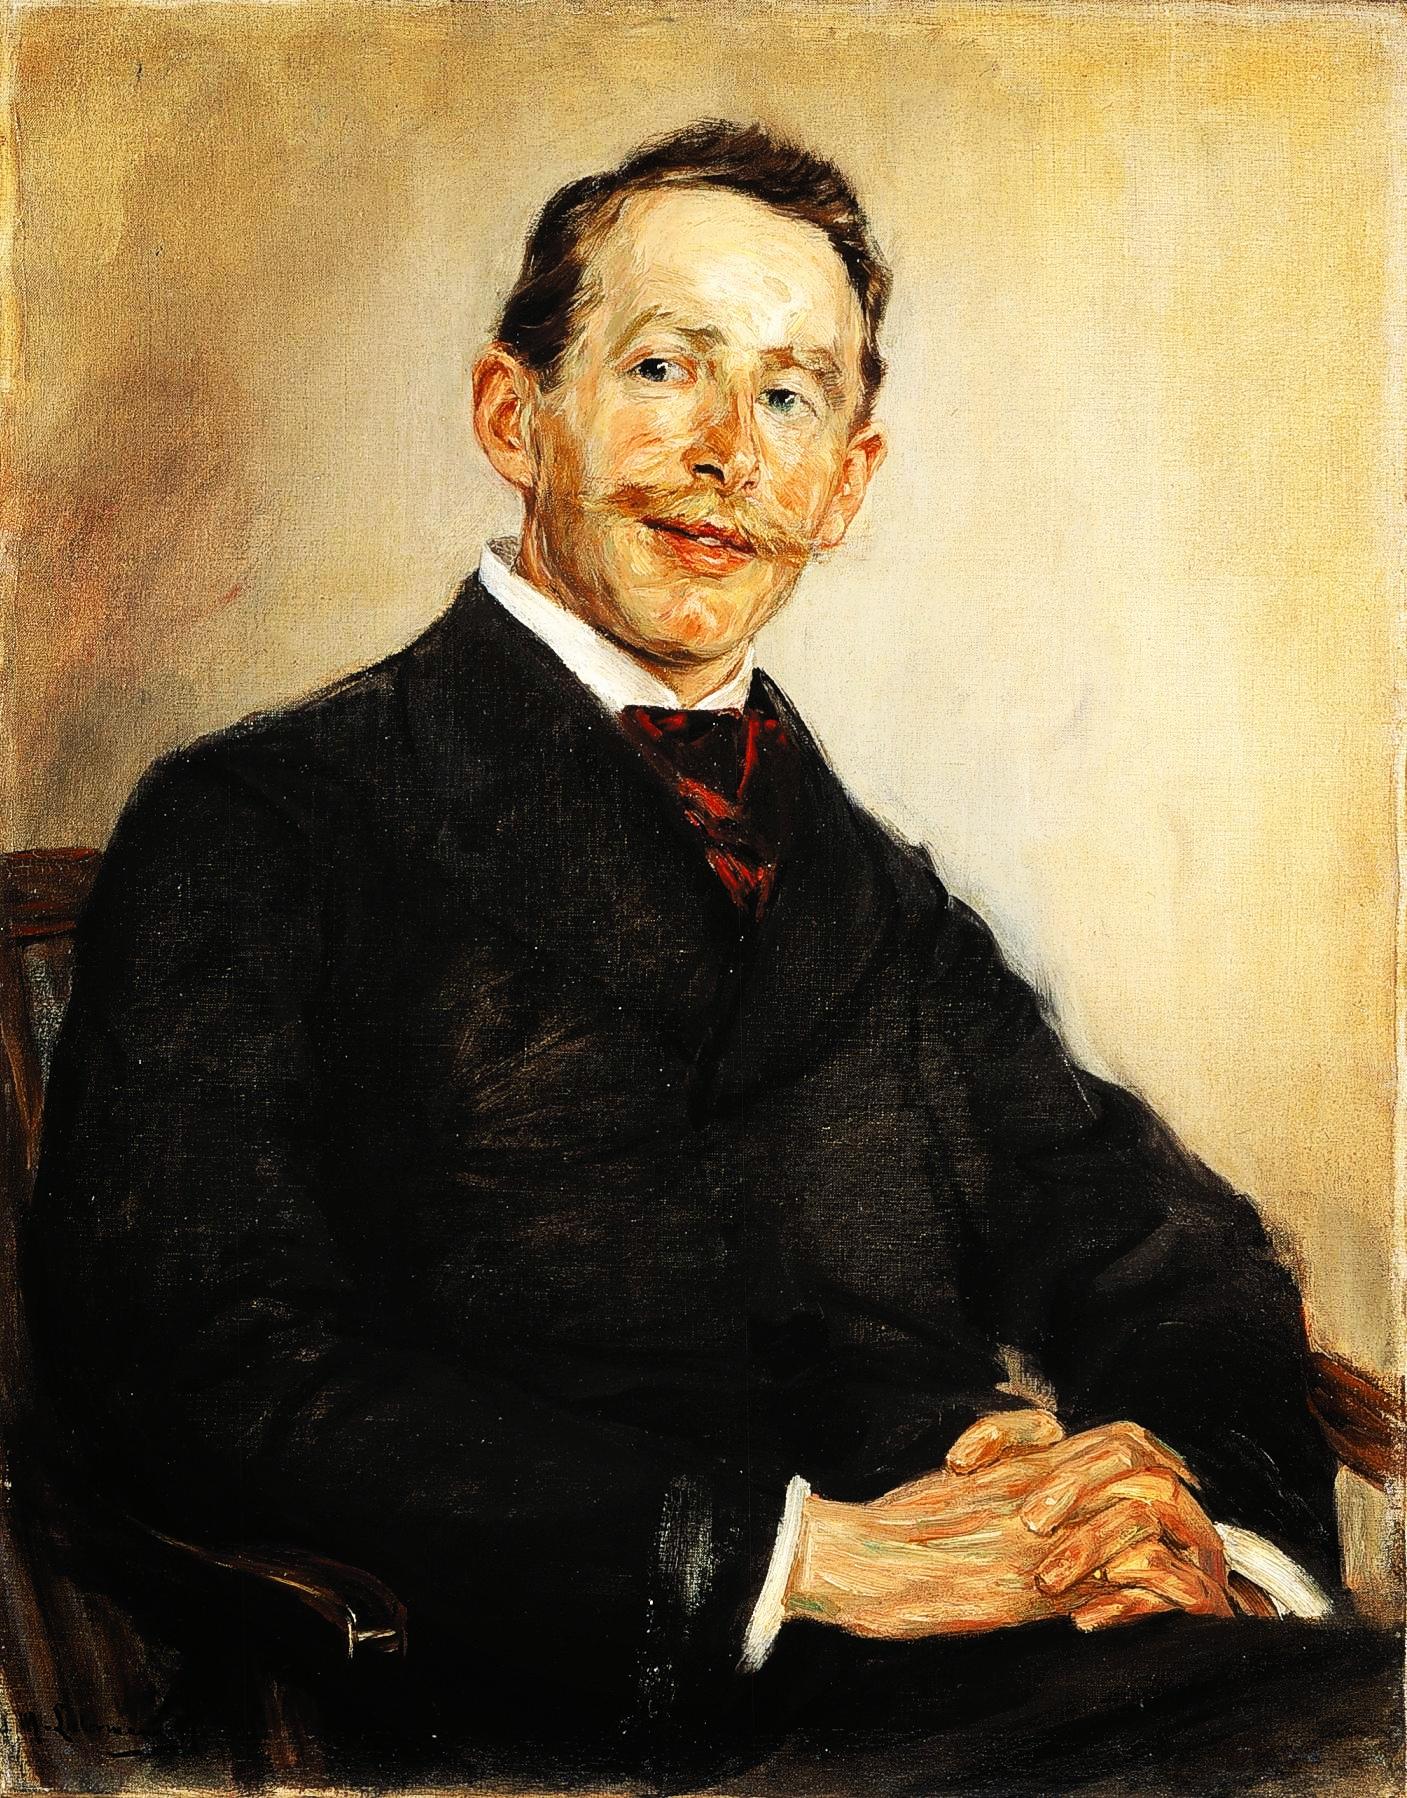 Wikipedia.en. Linde, portrettert av Max Liebermann